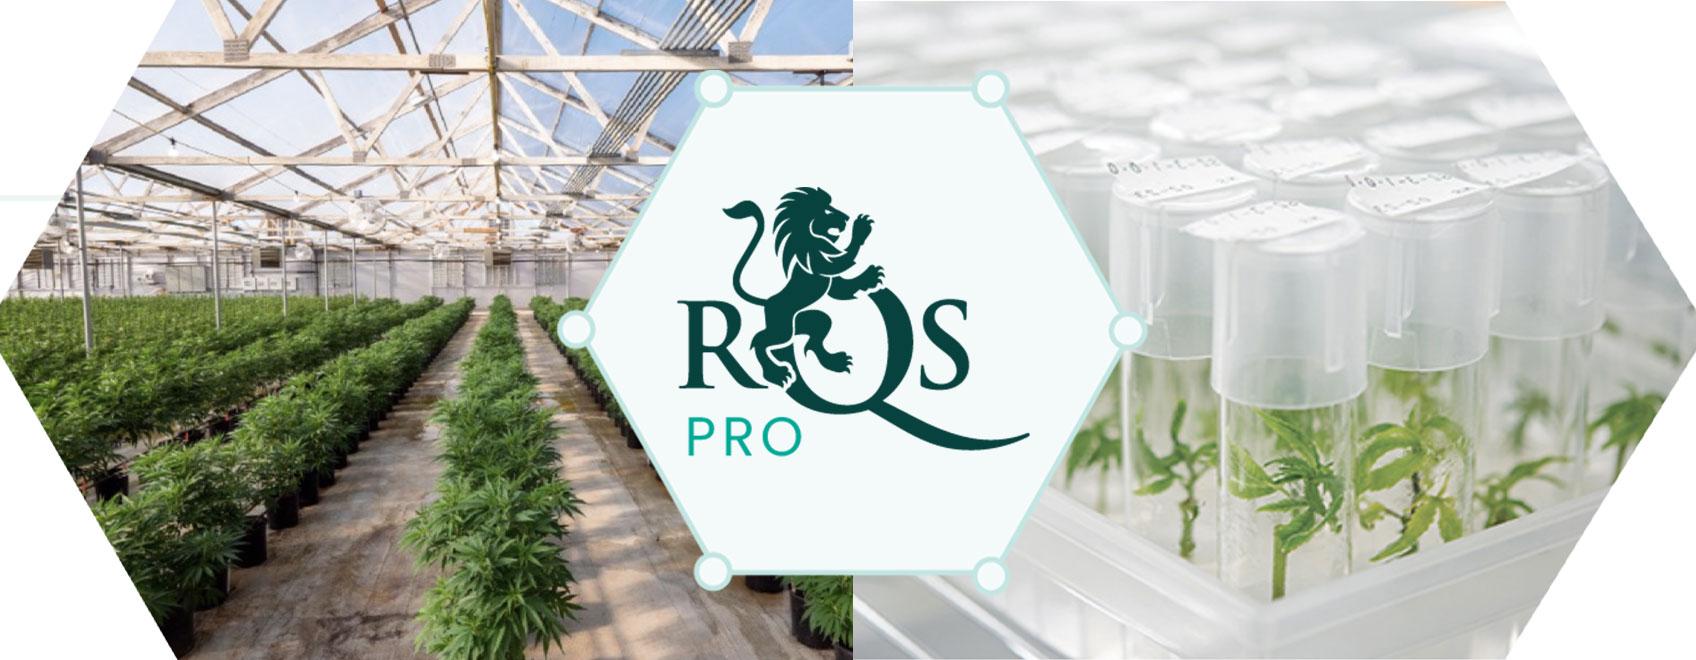 Leader de l'innovation et du développement dans le cannabis